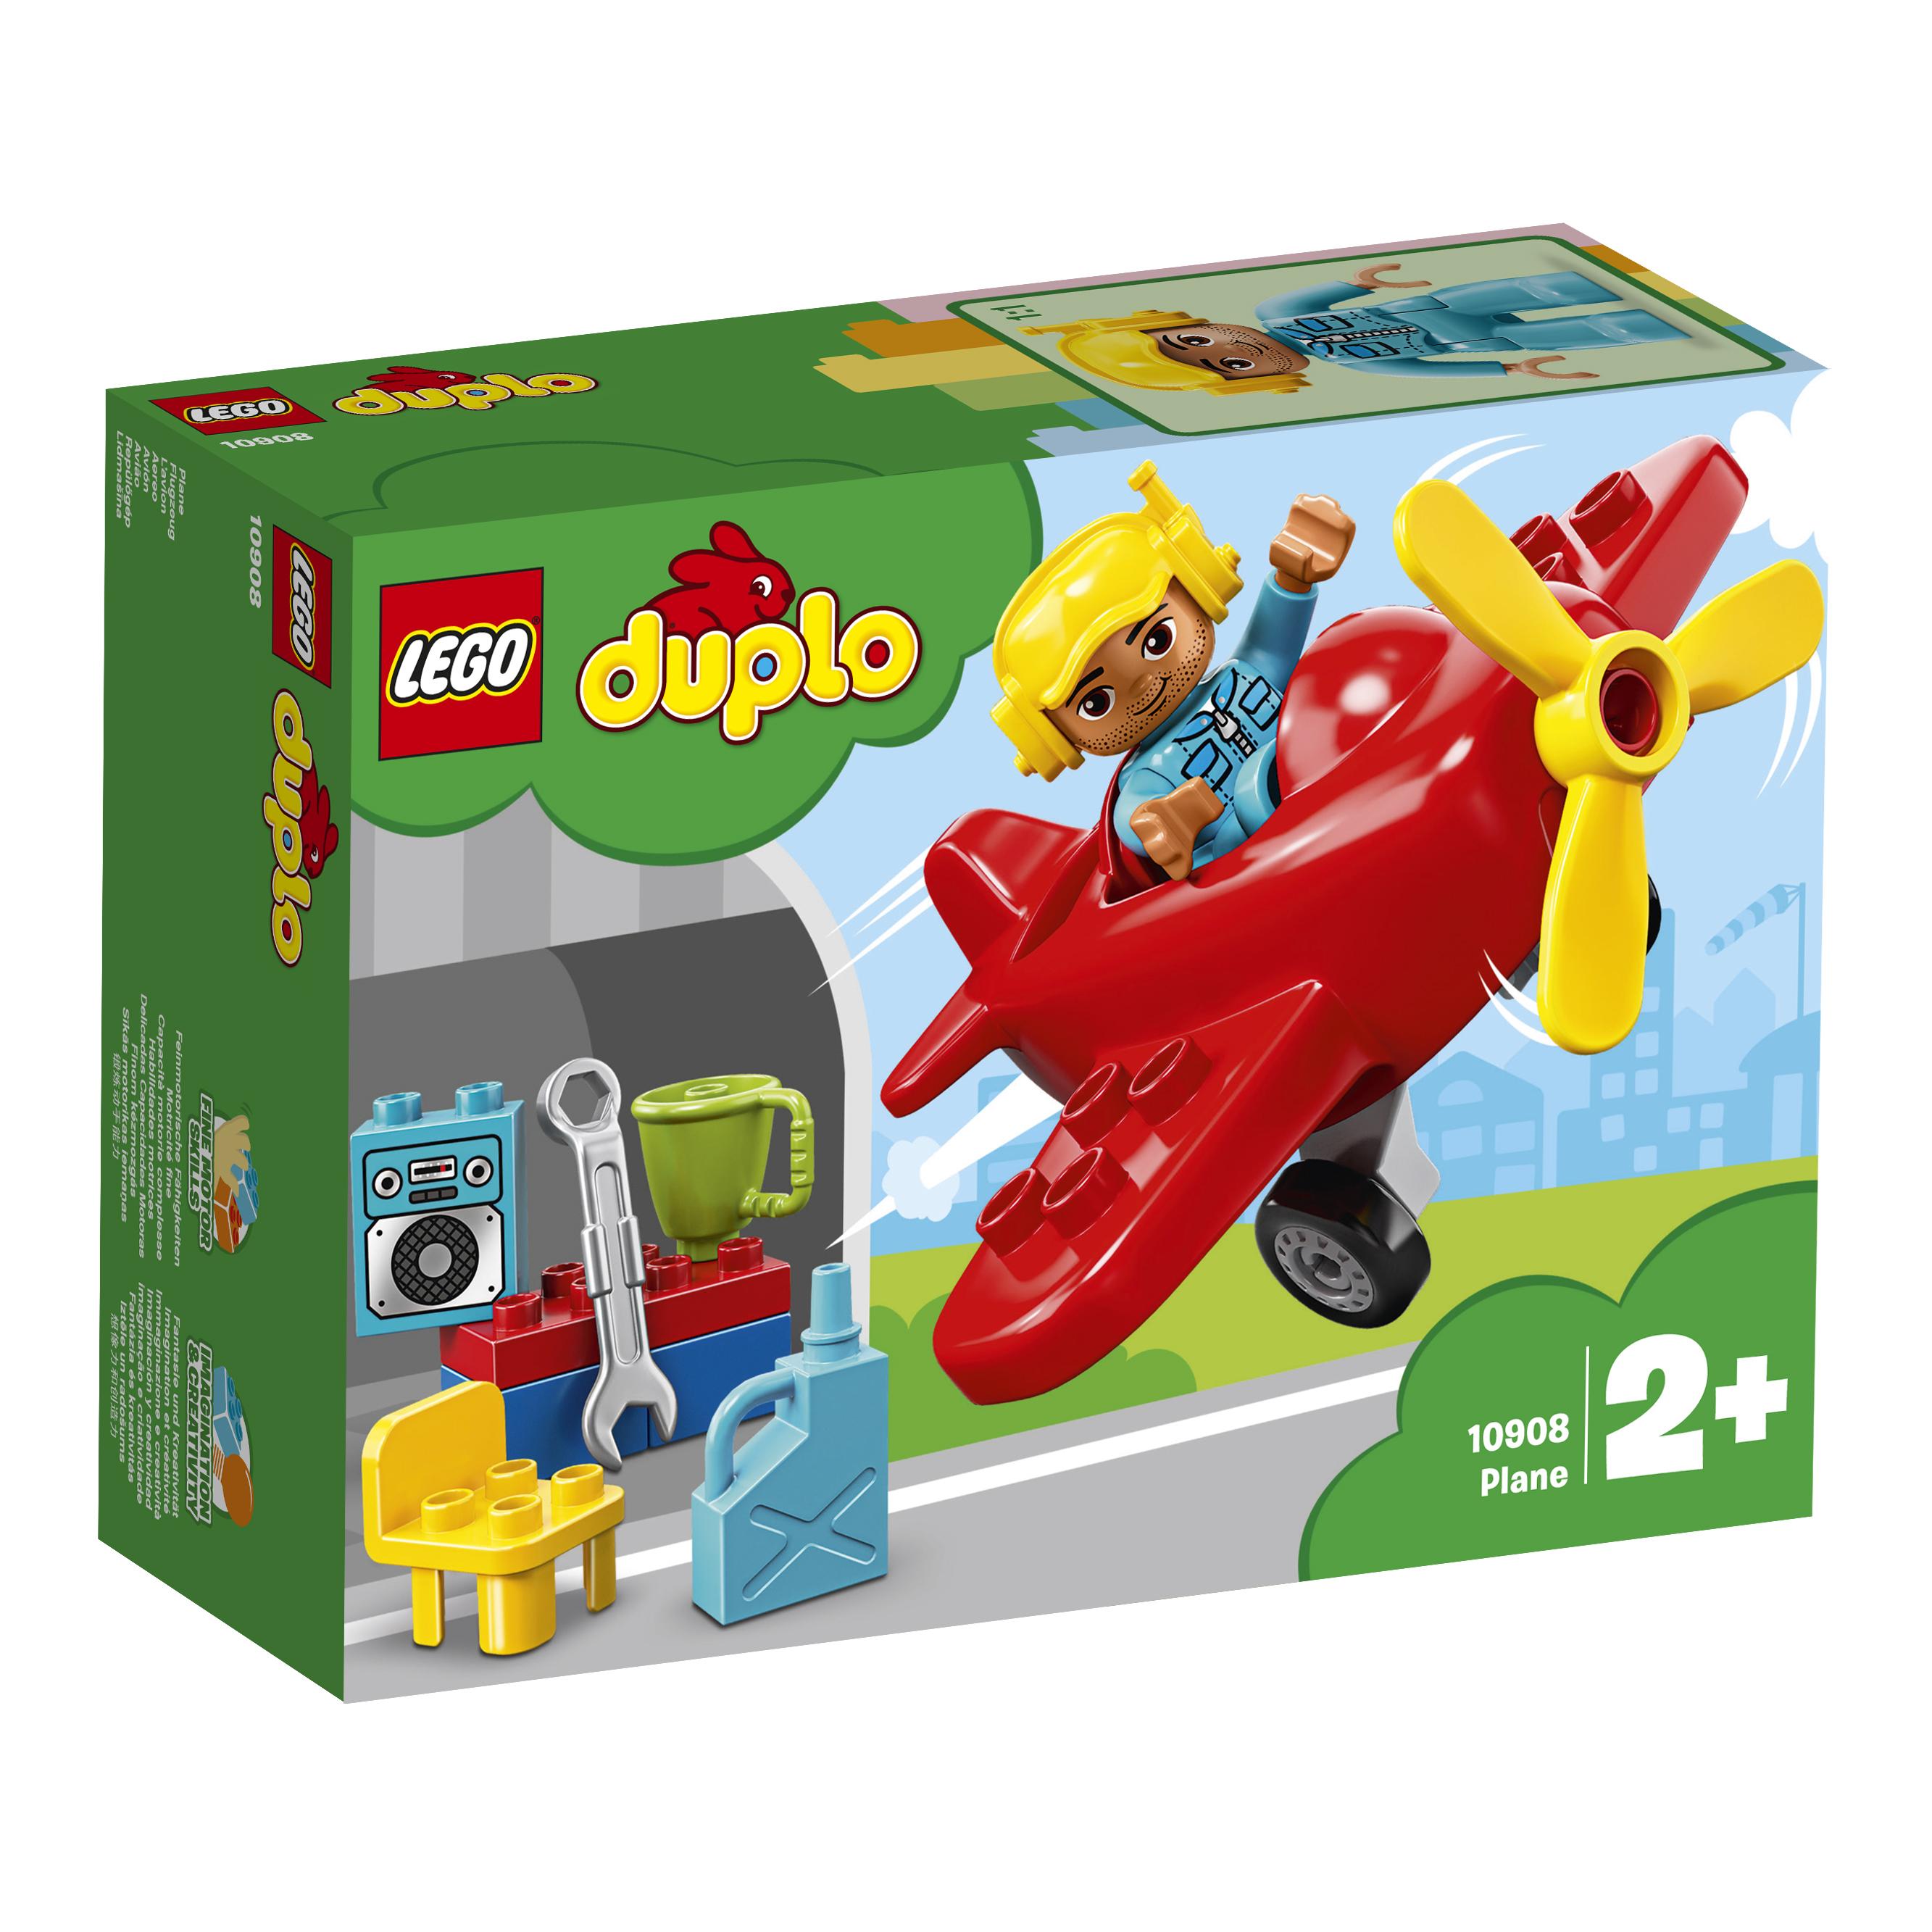 Конструктор LEGO Town 10908 Самолёт lego duplo 10908 конструктор лего дупло самолёт